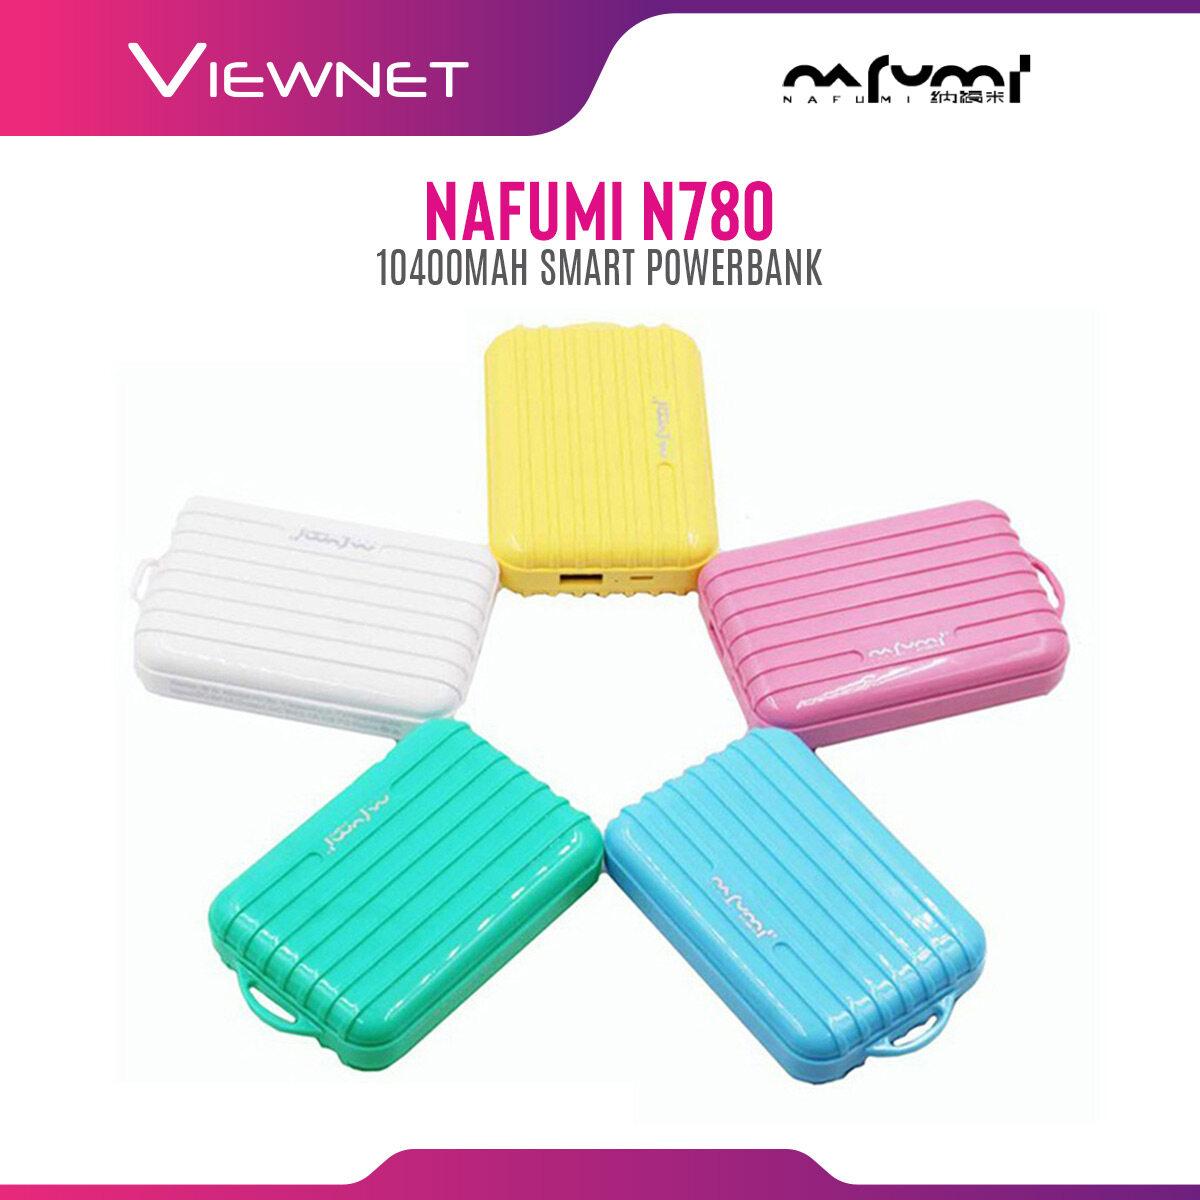 Nafumi 10400 mAh Smart Powerbank N780 - for Huawei, Xiaomi, iPhone, Samsung, Oppo, Vivo